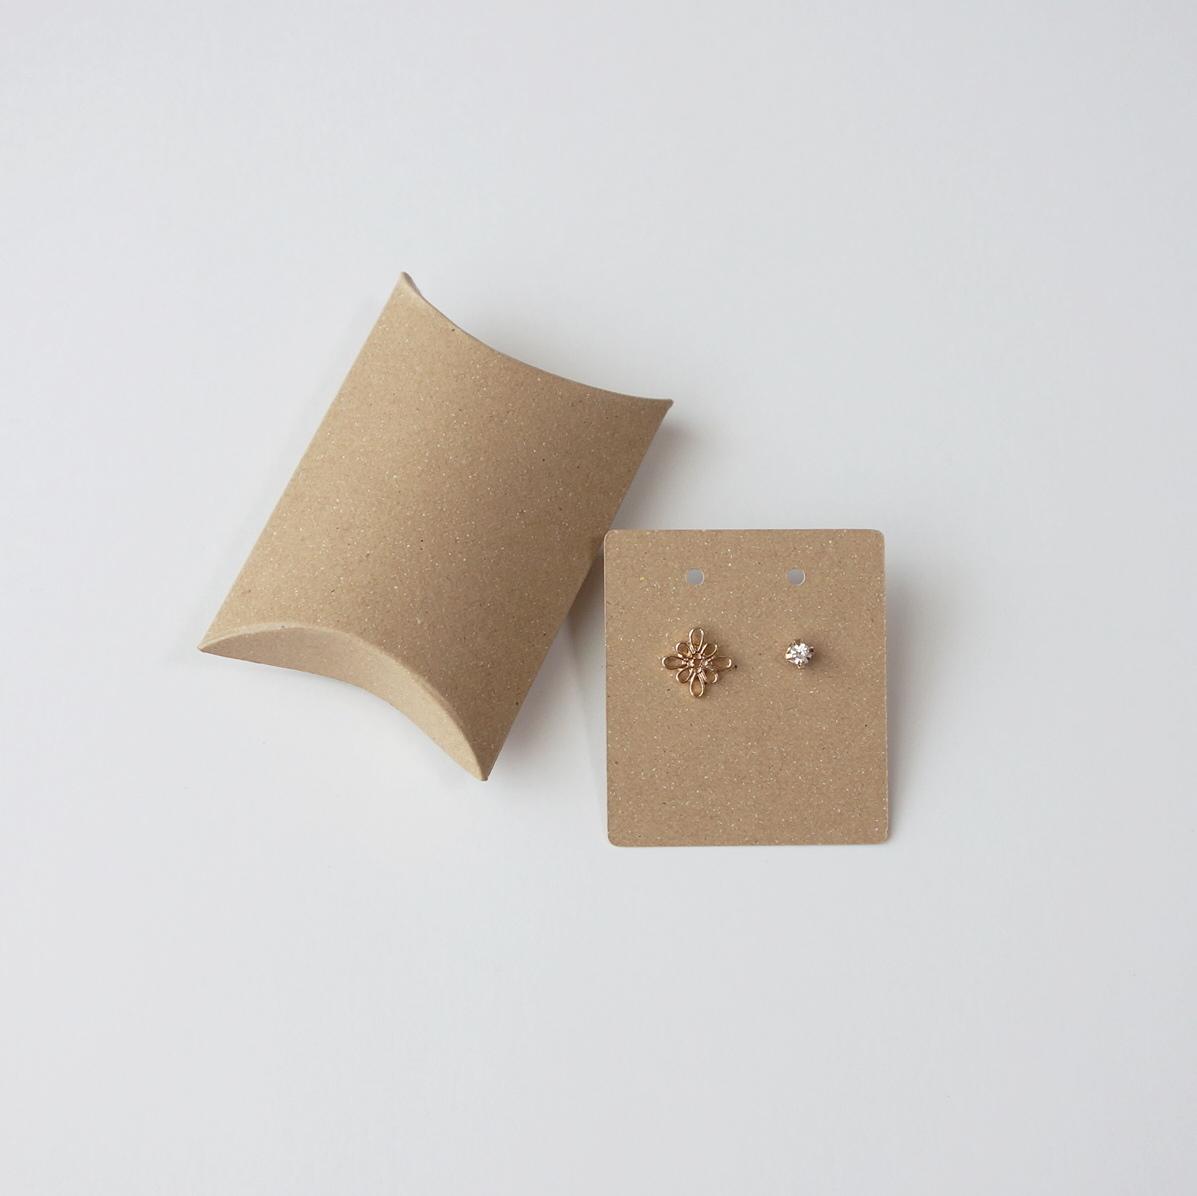 ピローケース小 10枚入 クラフト アクセサリー用台紙付き